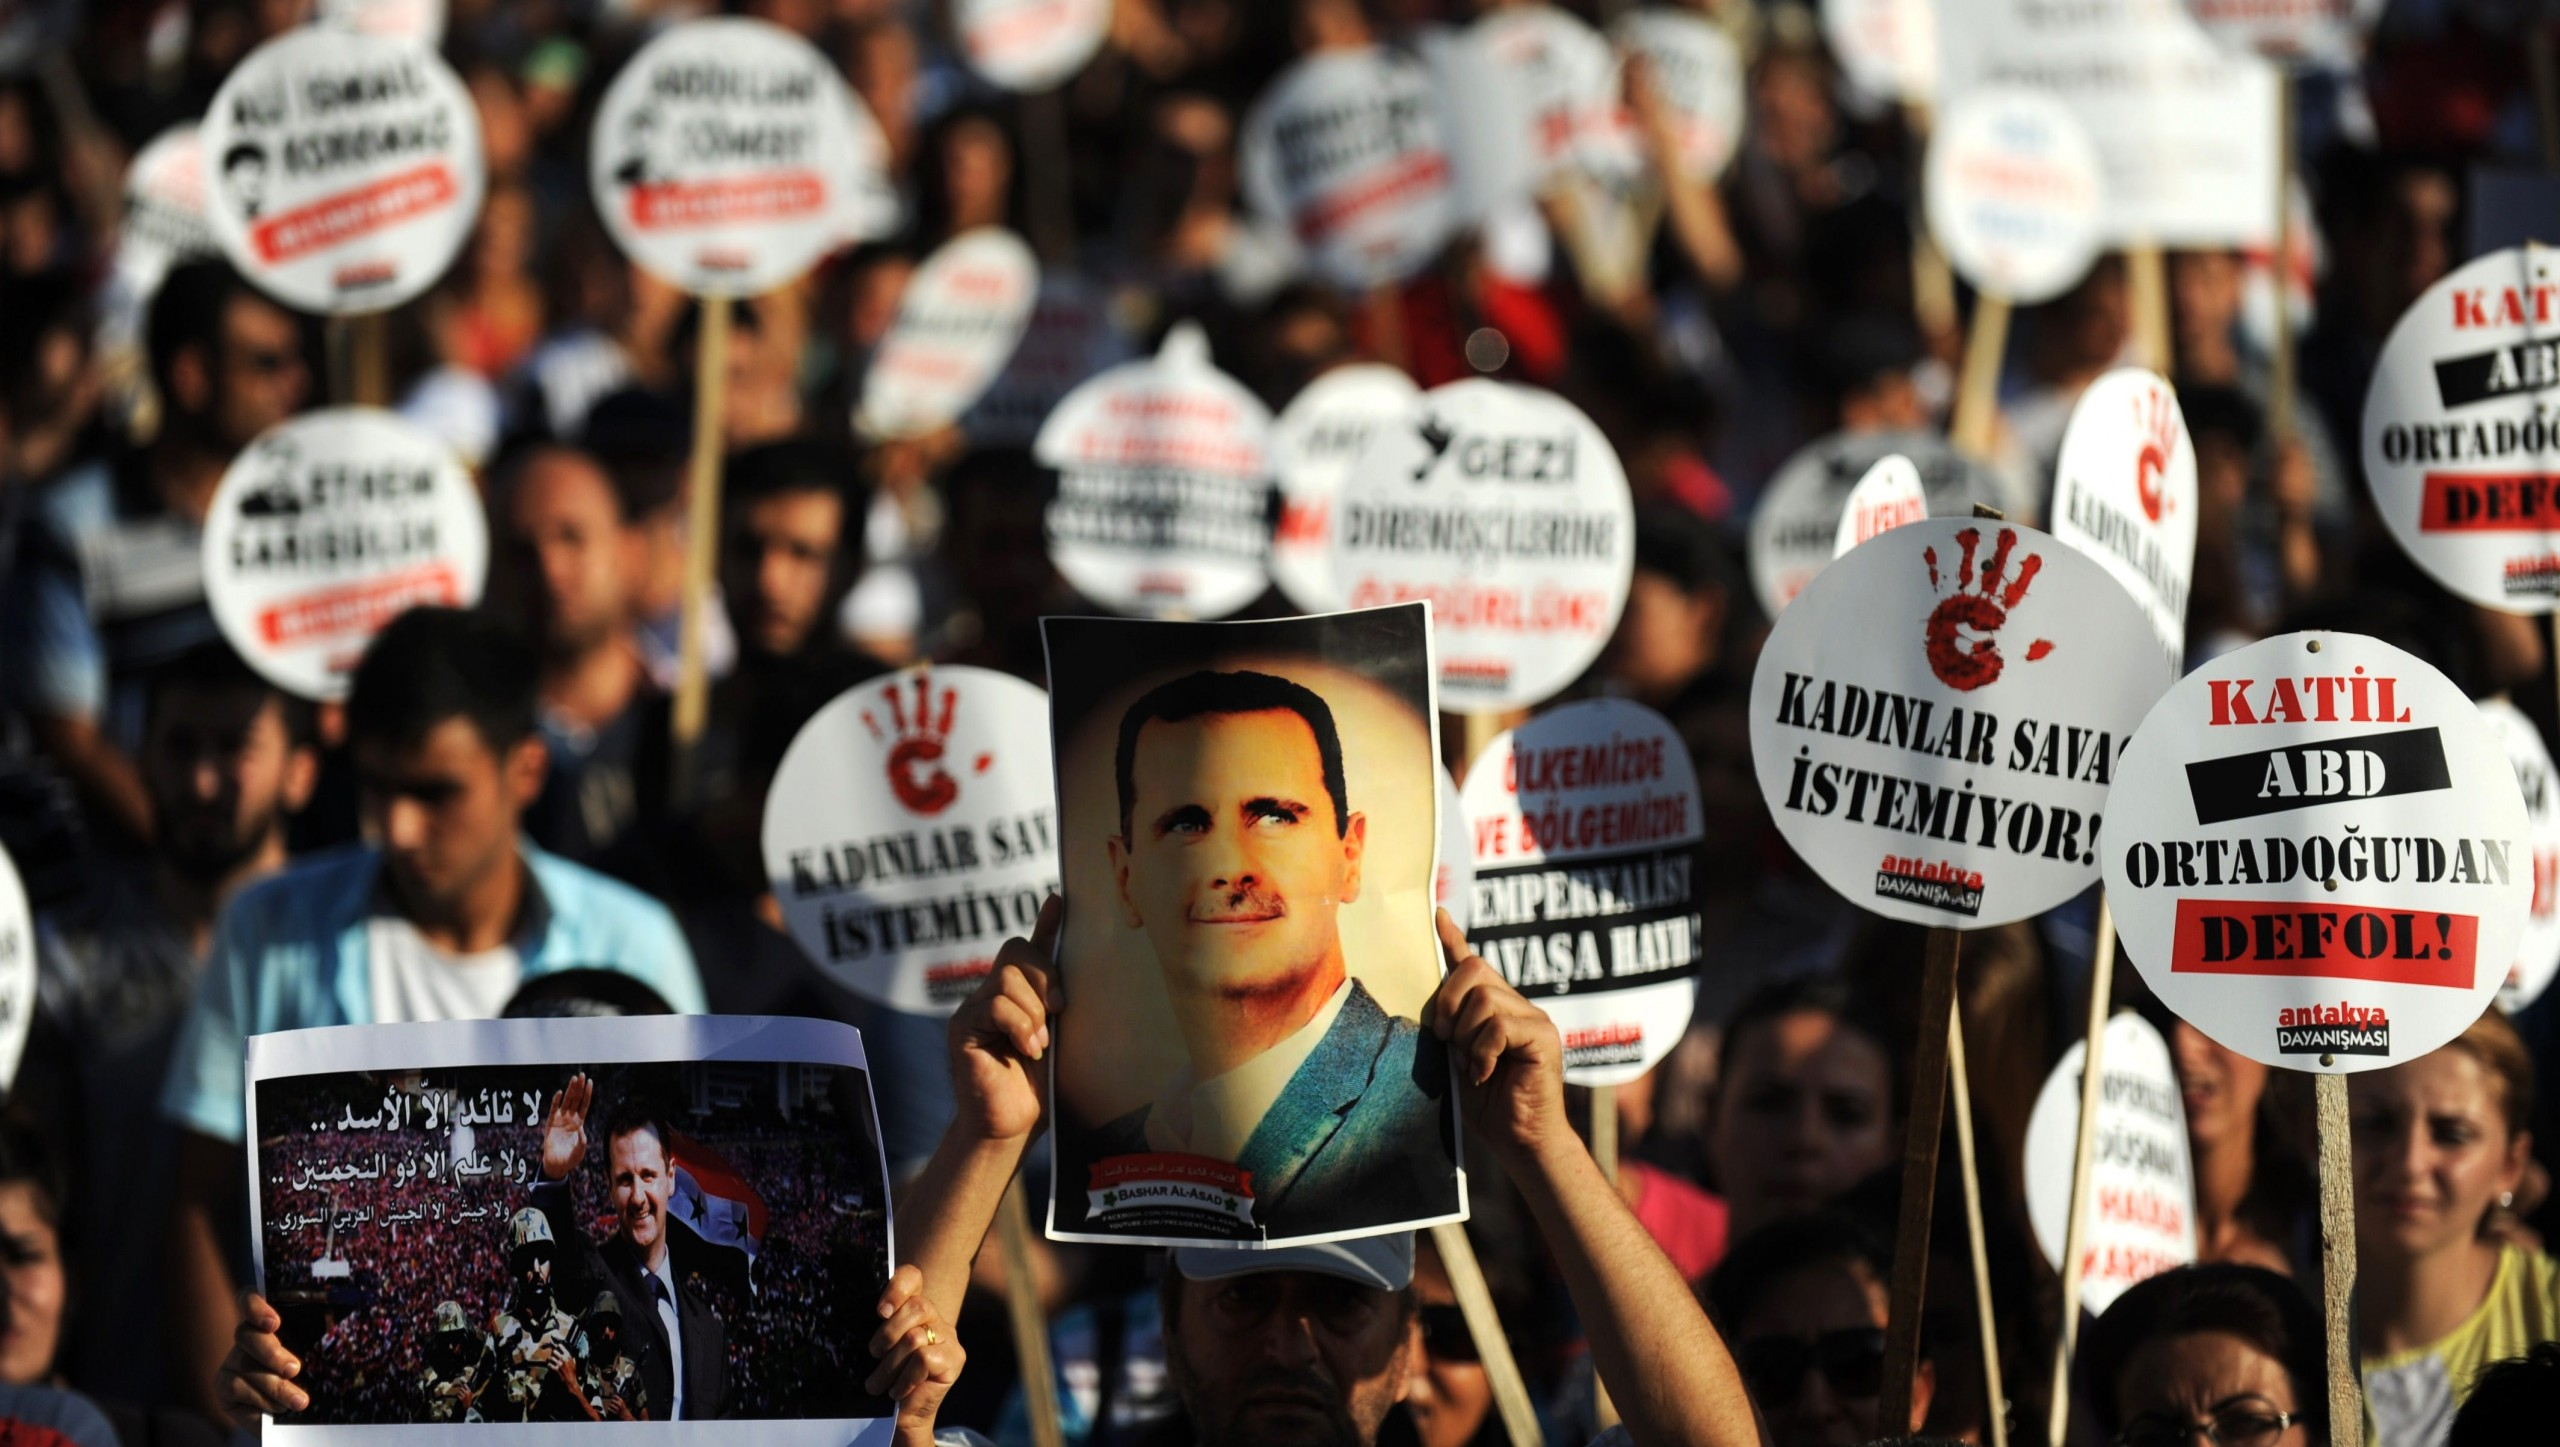 Bashar al-Assad et al. standing in front of a crowd